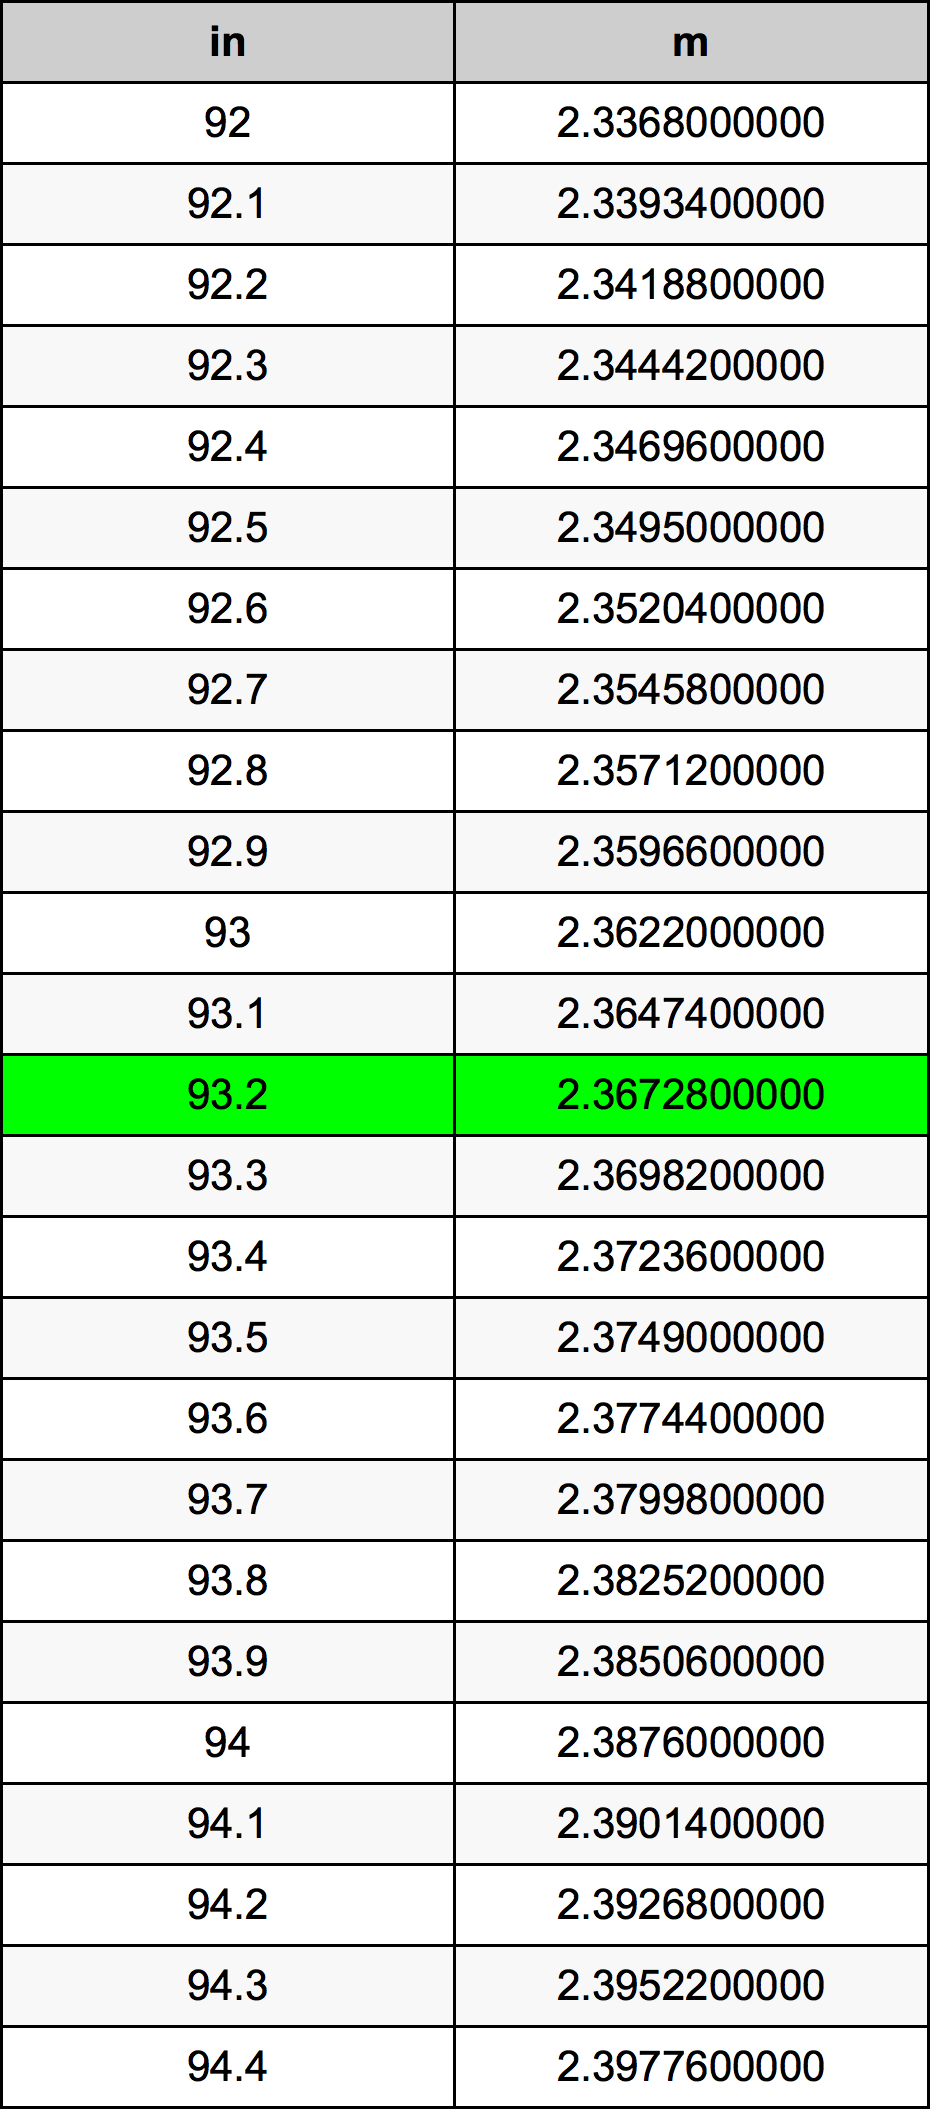 93.2 Polegada tabela de conversão